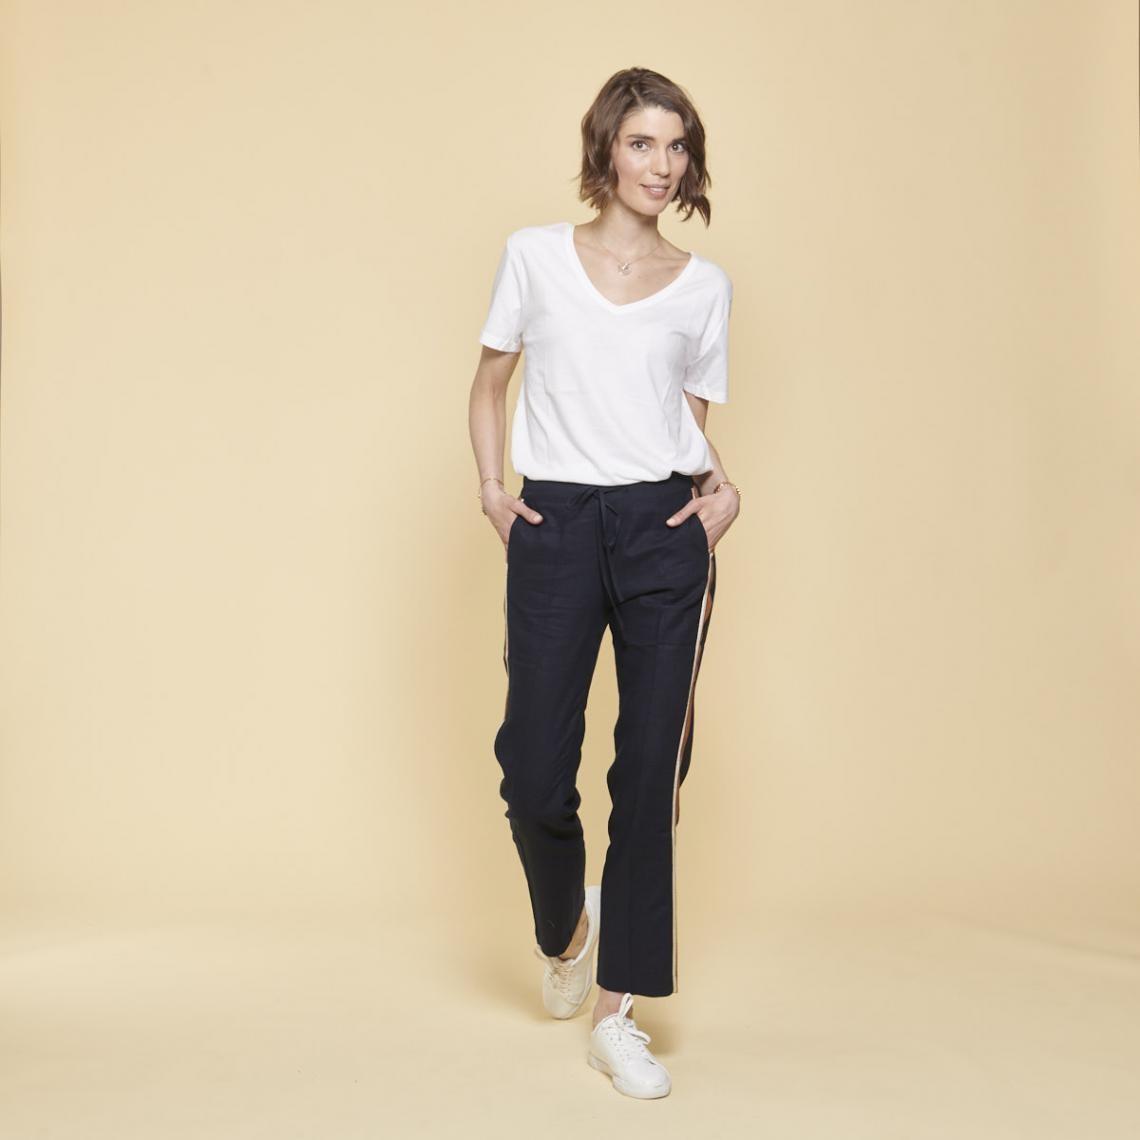 39bc131378143 Pantalon decontracté 3 SUISSES Collection Cliquez l'image pour l'agrandir.  Pantalon en lin avec bandes appliquées ...